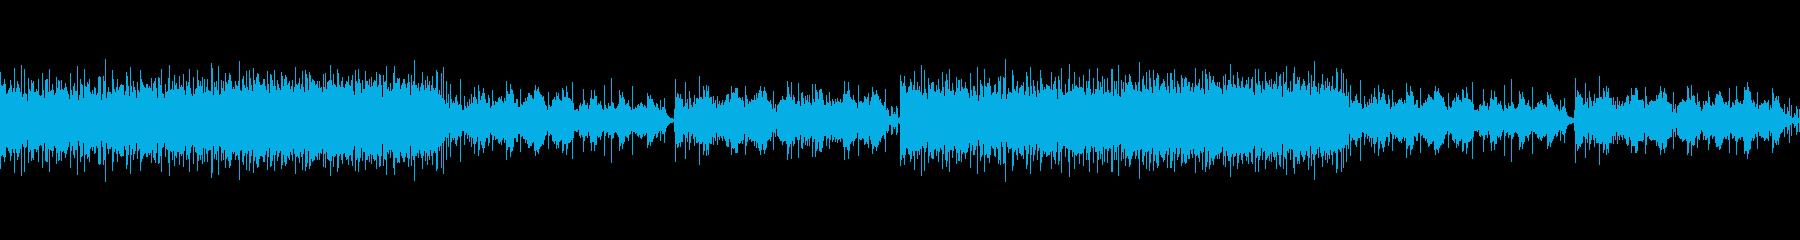 大冒険を意識したオーケストラ-民族音楽-の再生済みの波形